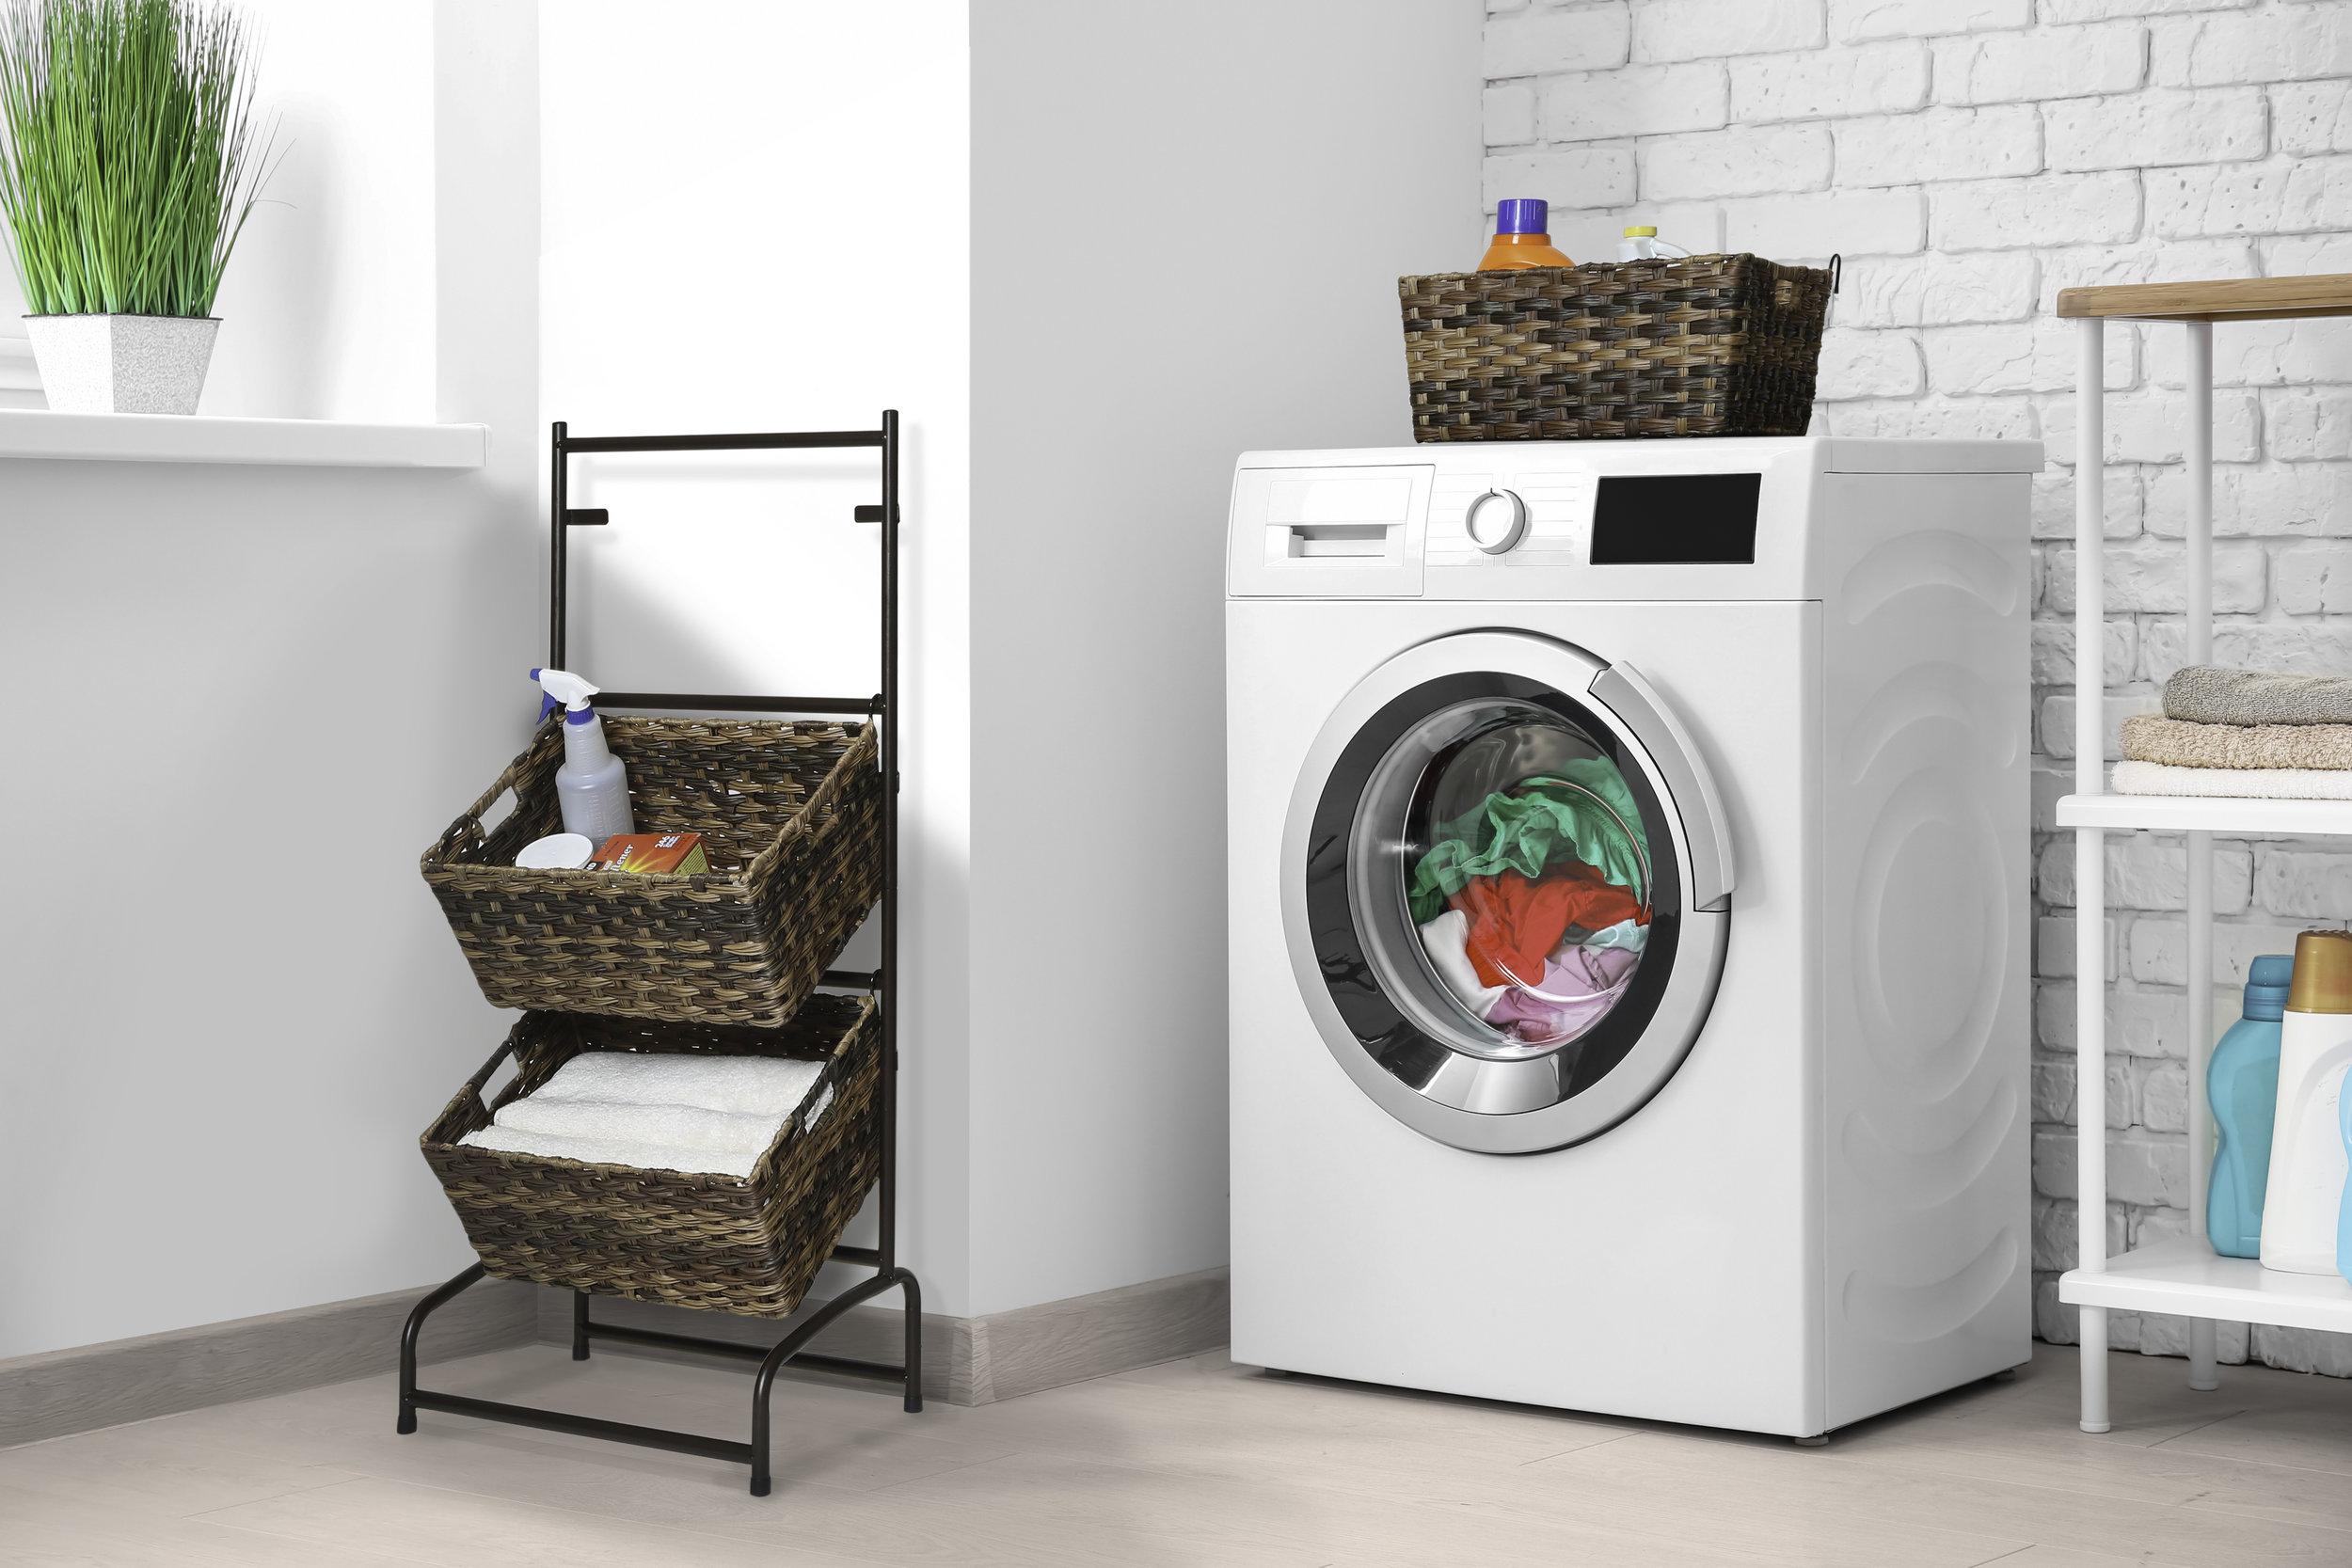 06894_3tierorganizer_PEbaskets_lifestyle_laundry (1).jpg